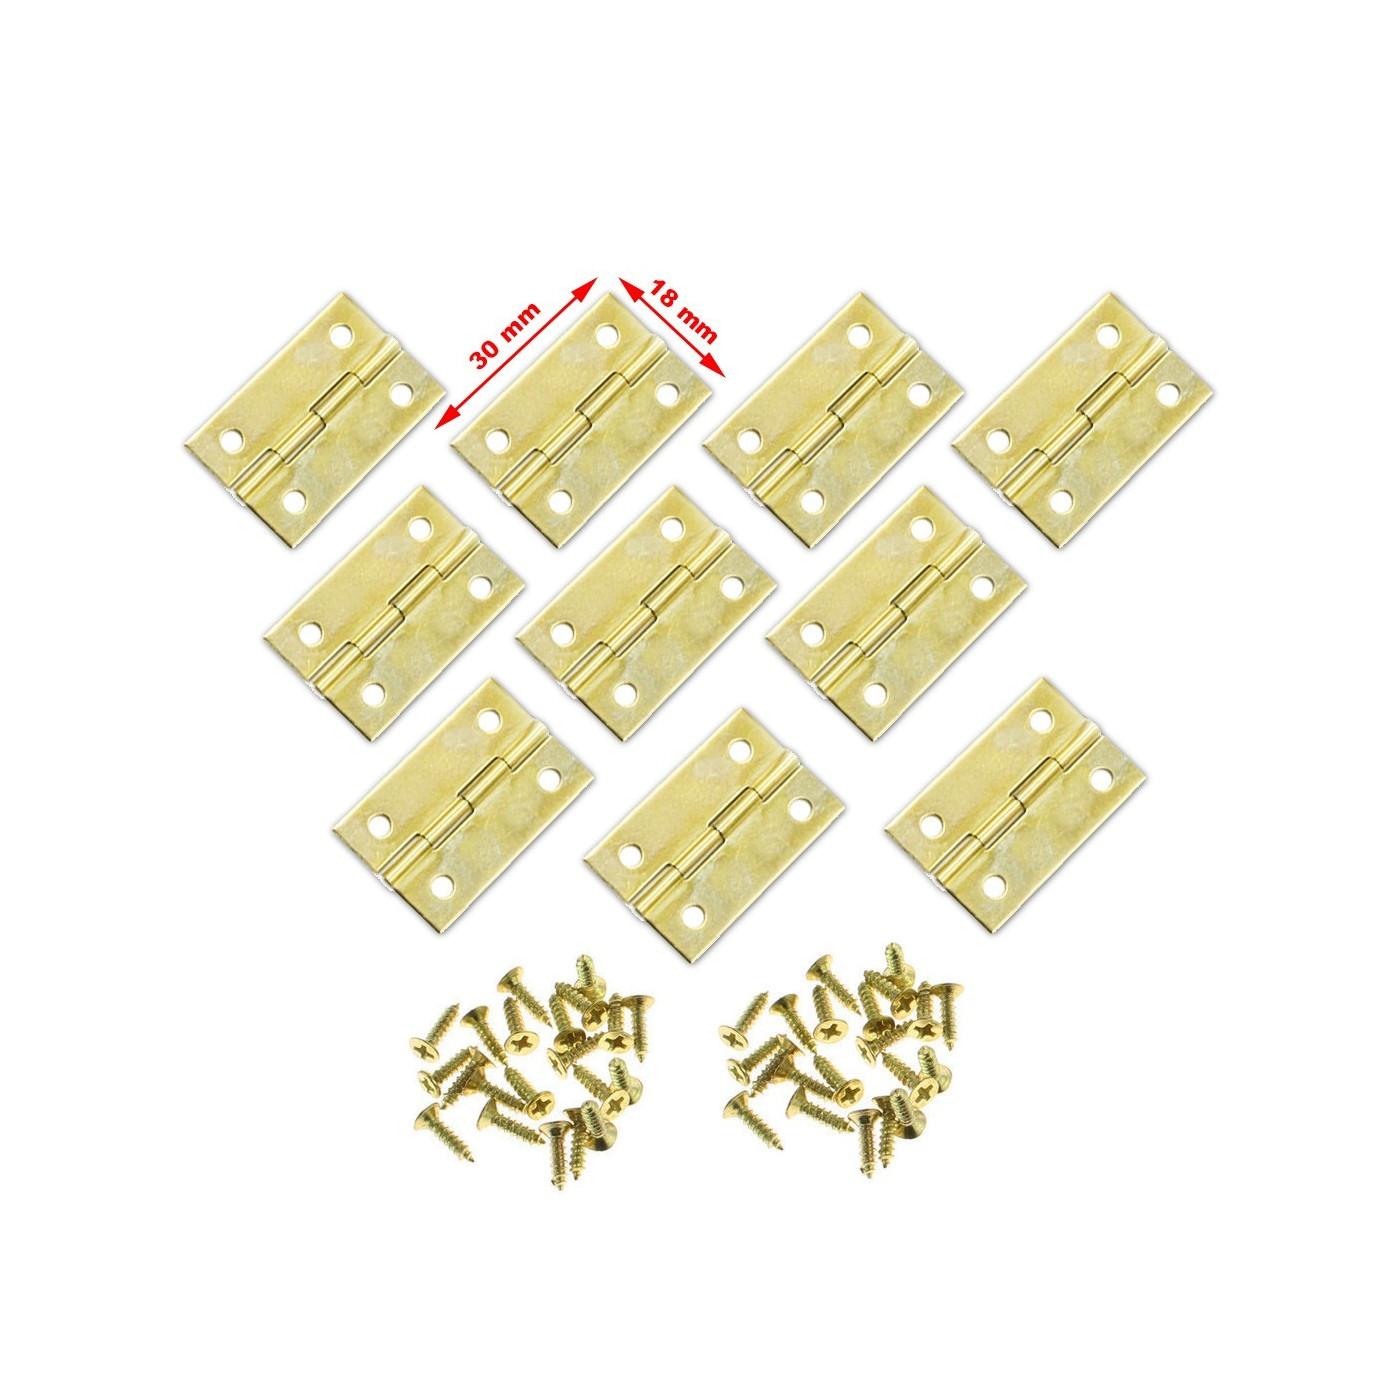 Ensemble de 30 petites charnières en laiton (30x18 mm)